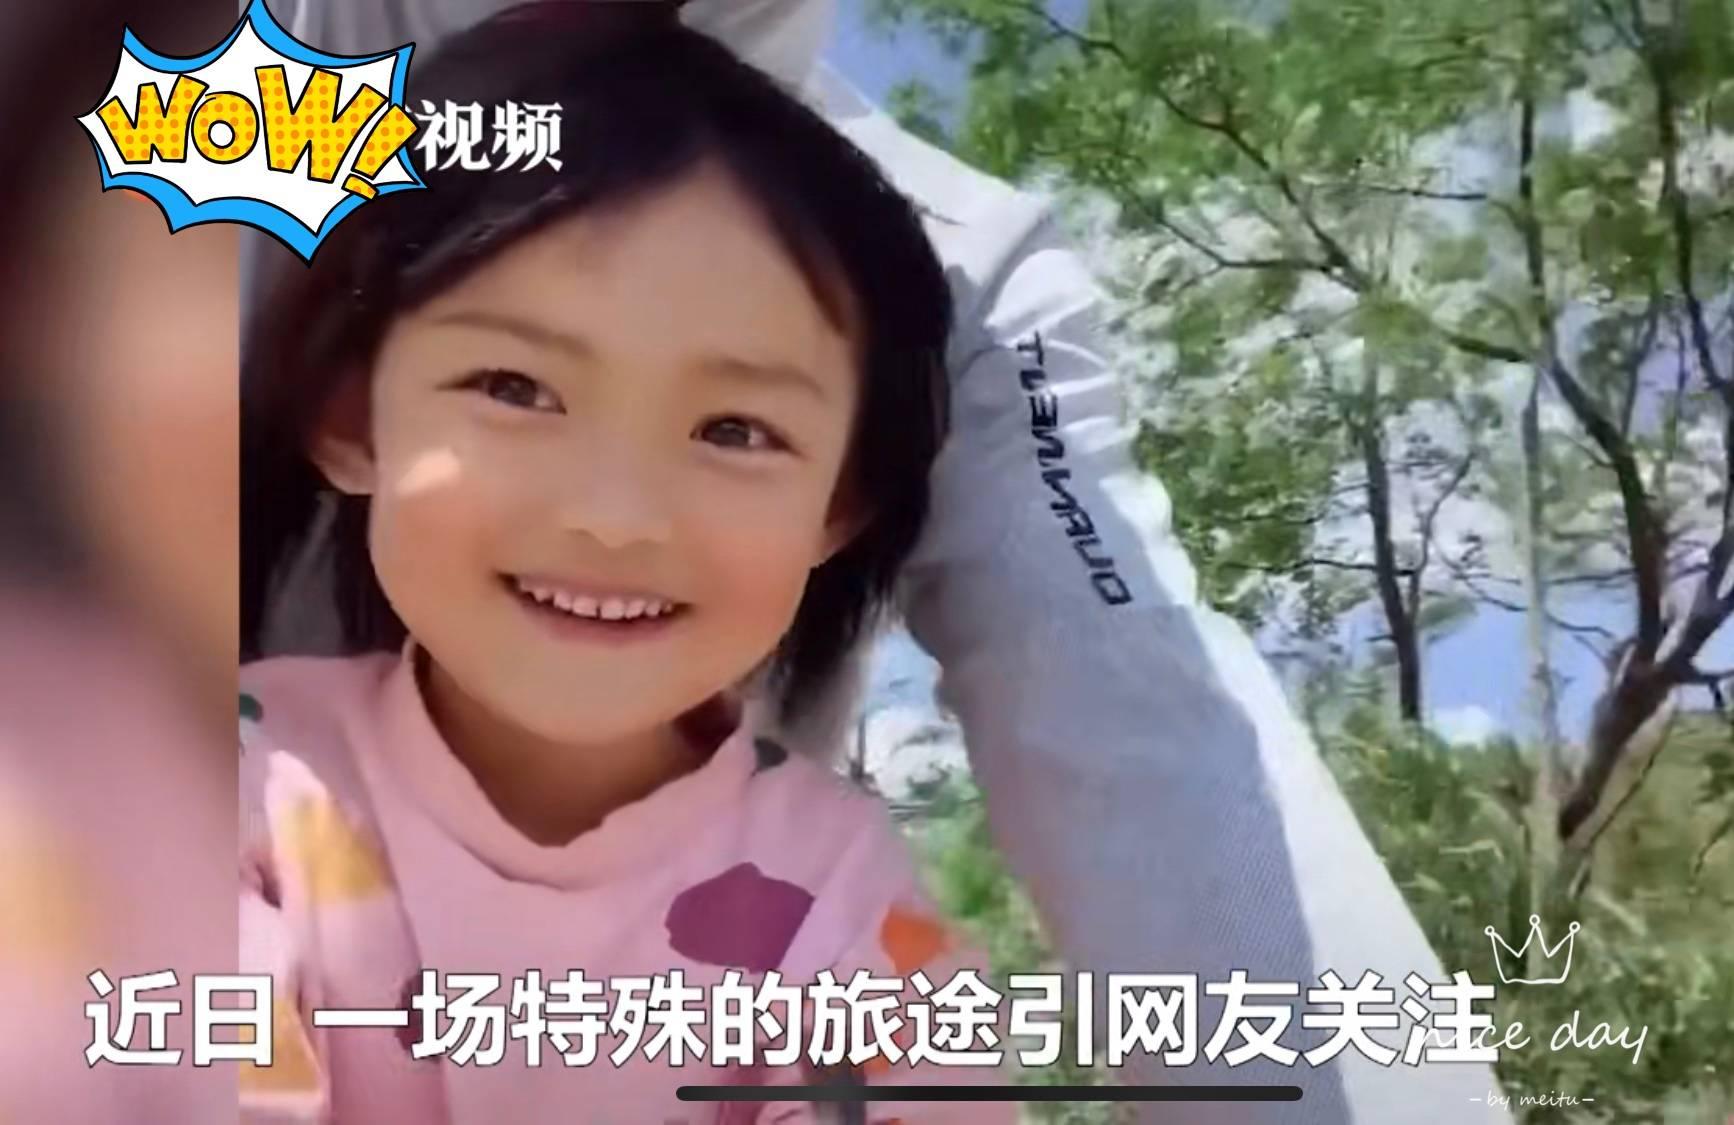 90后单亲爸爸带4岁女儿骑行拉萨,网友:孩子笑得太开心了